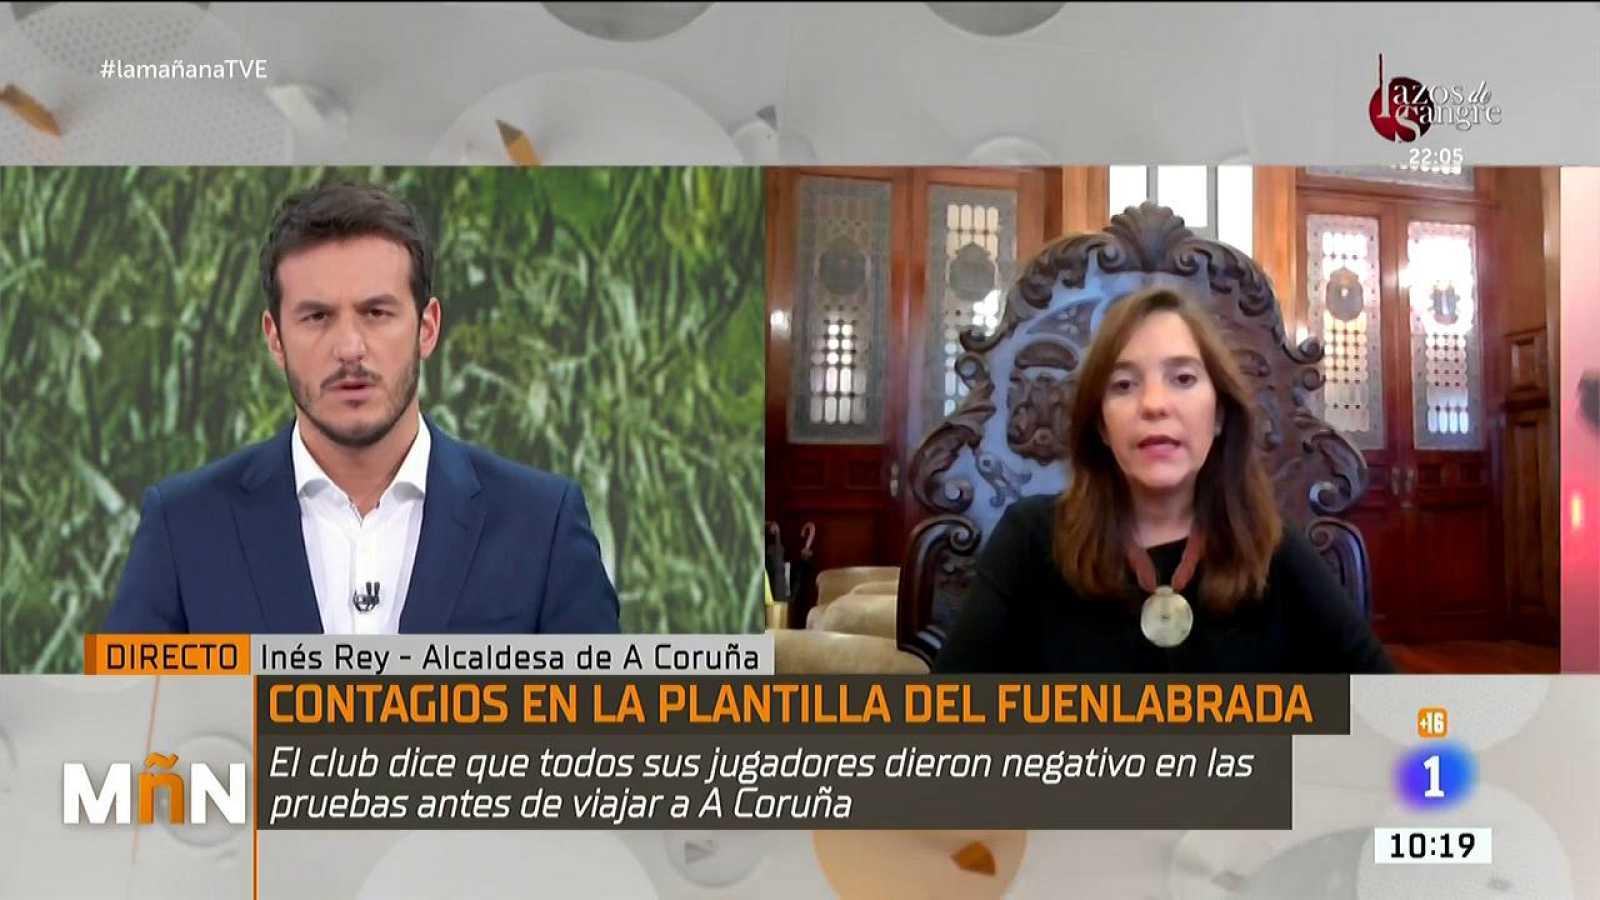 La Mañana -  Entrevista a Inés Rey, alcaldesa de A Coruña: ''mi obligación es proteger los derechos e intereses de los coruñeses y velar por la salud¿¿